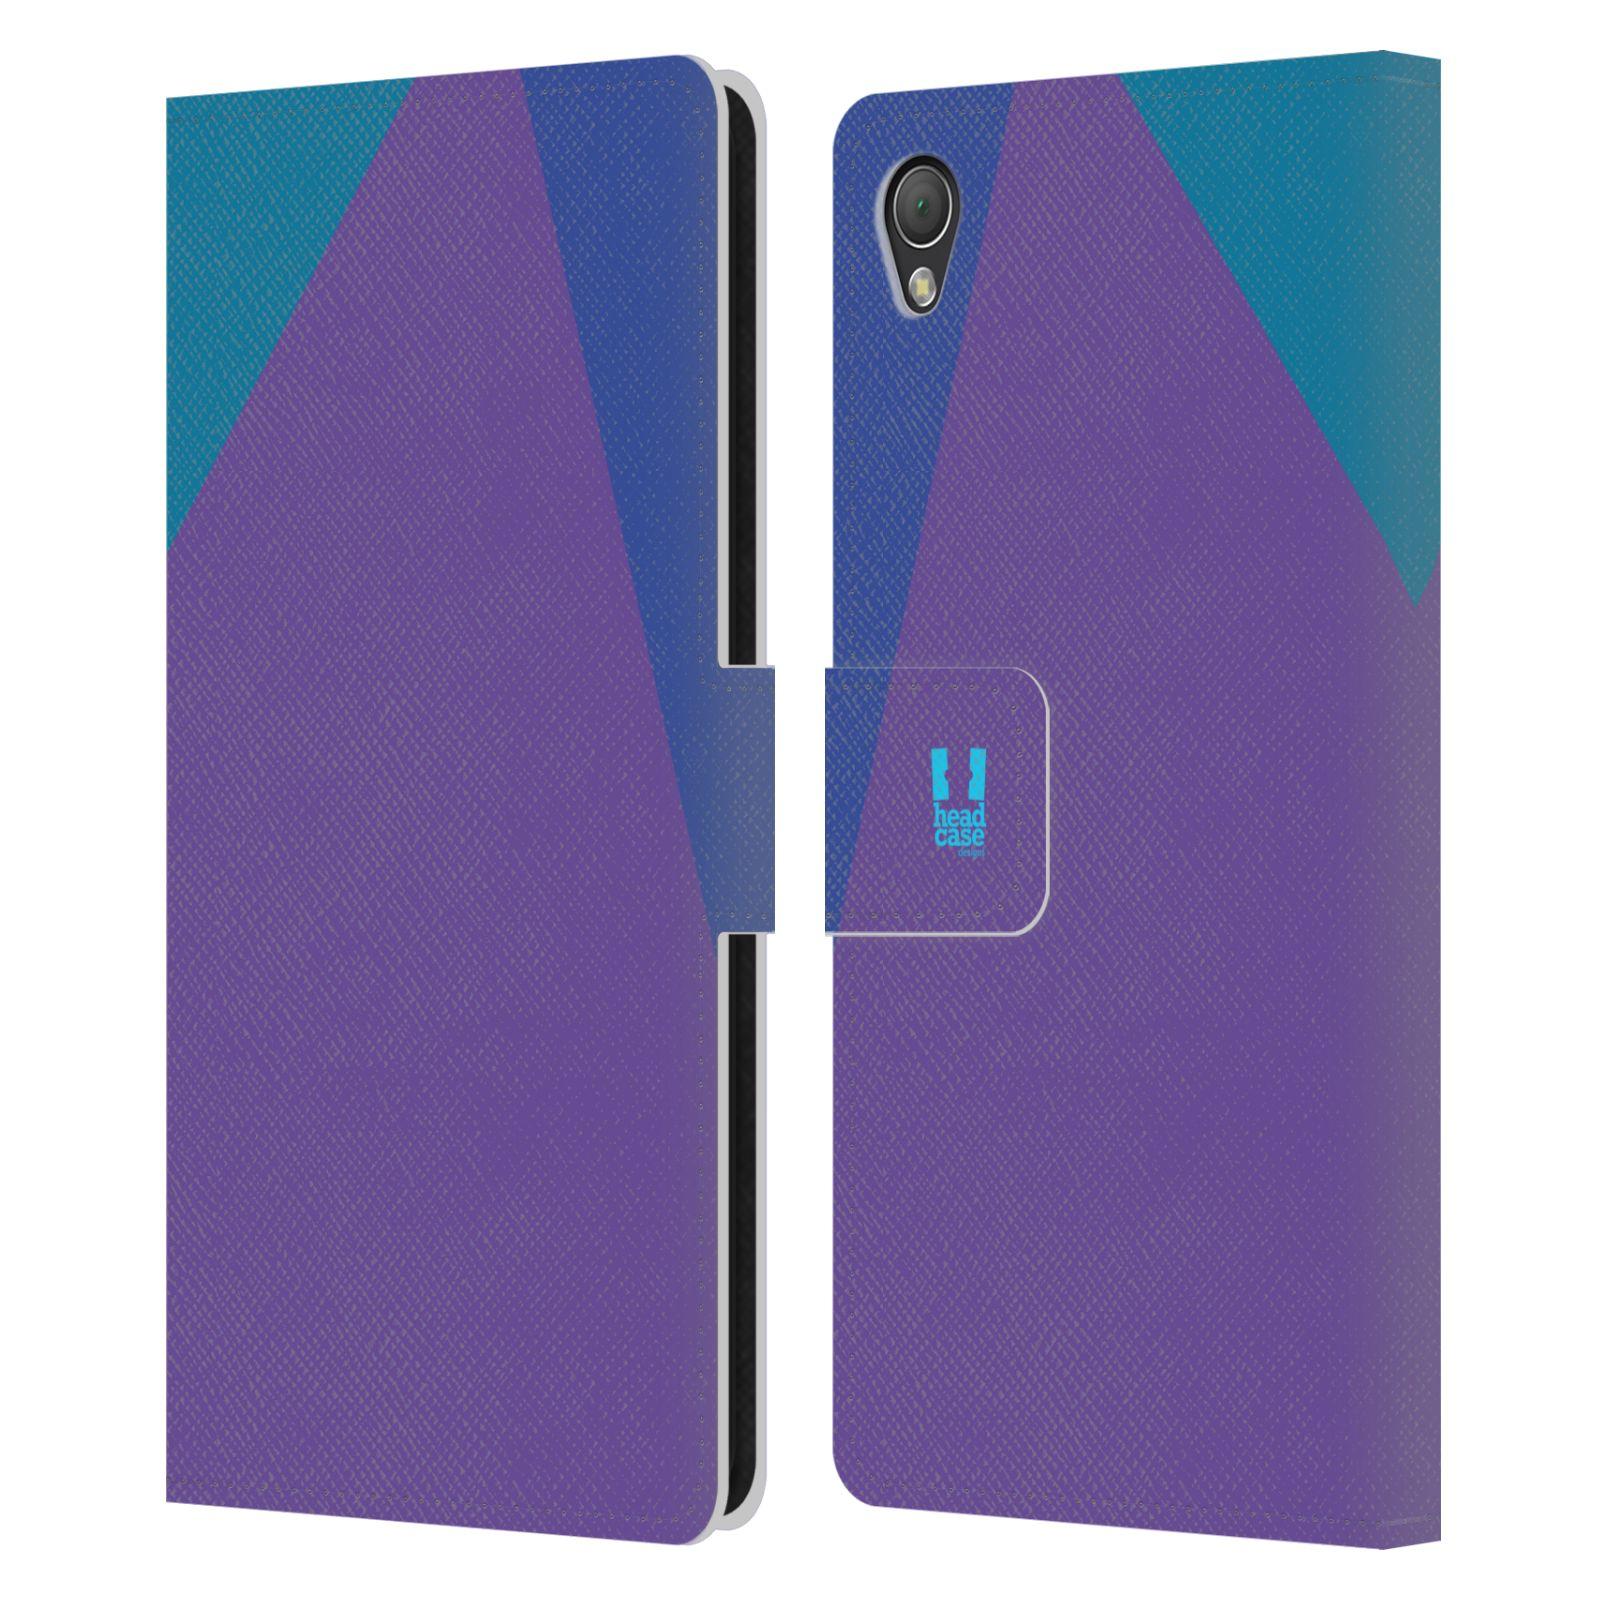 HEAD CASE Flipové pouzdro pro mobil SONY XPERIA Z3 barevné tvary fialová feminine